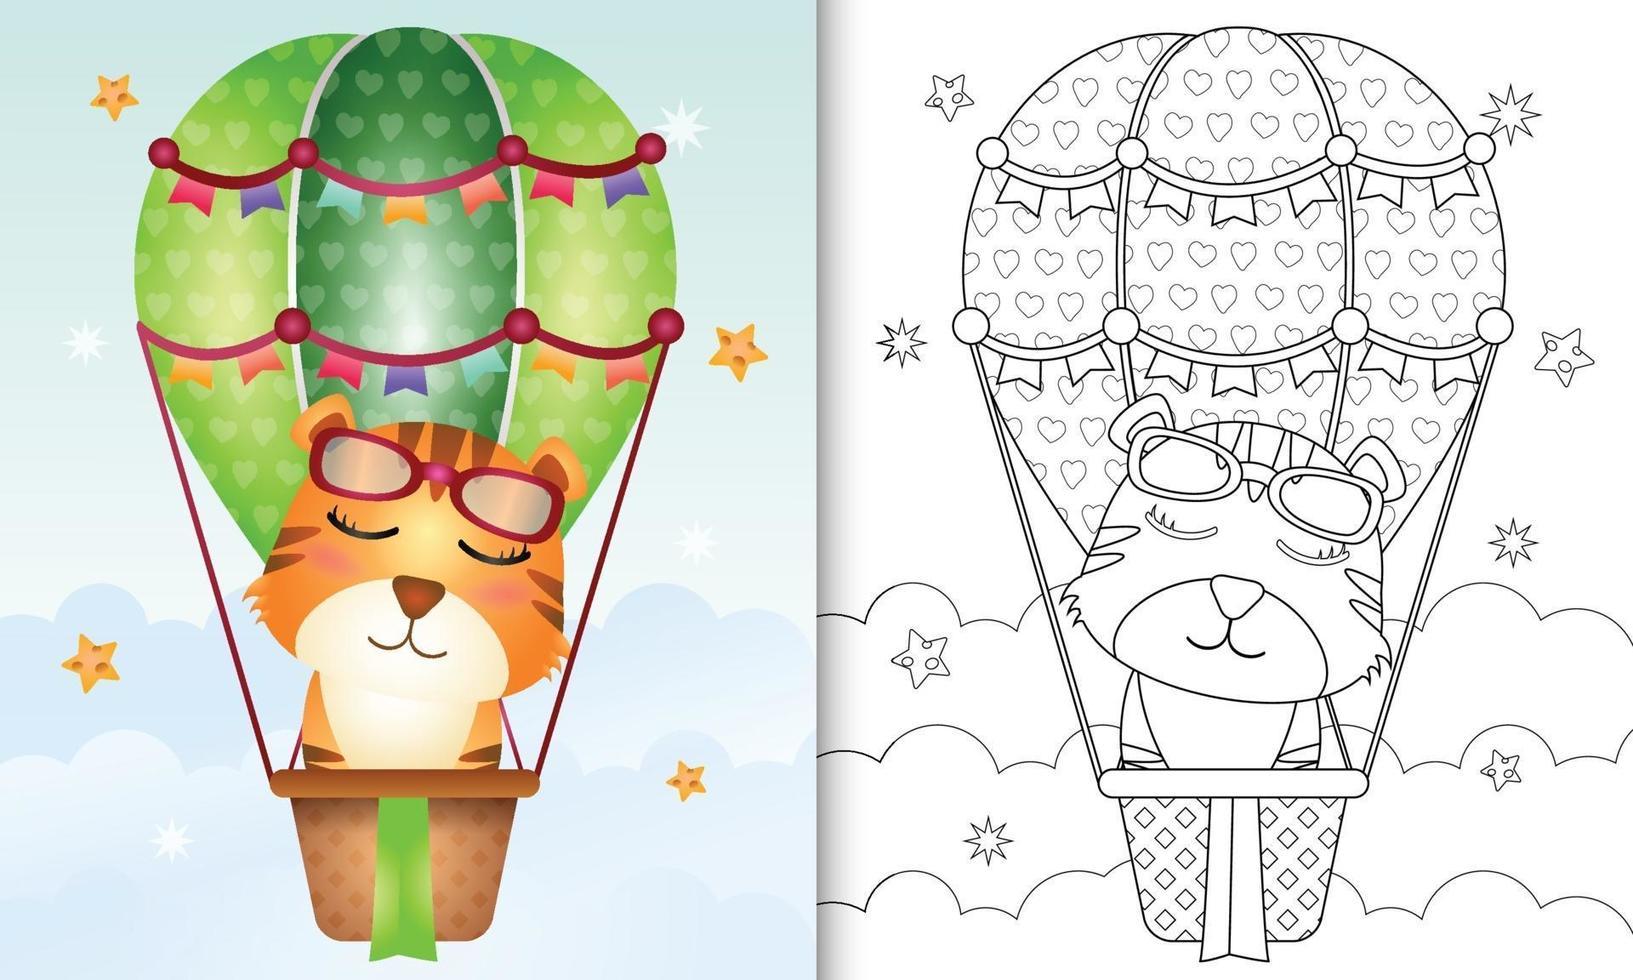 modèle de livre de coloriage pour les enfants avec un tigre mignon sur ballon à air chaud vecteur